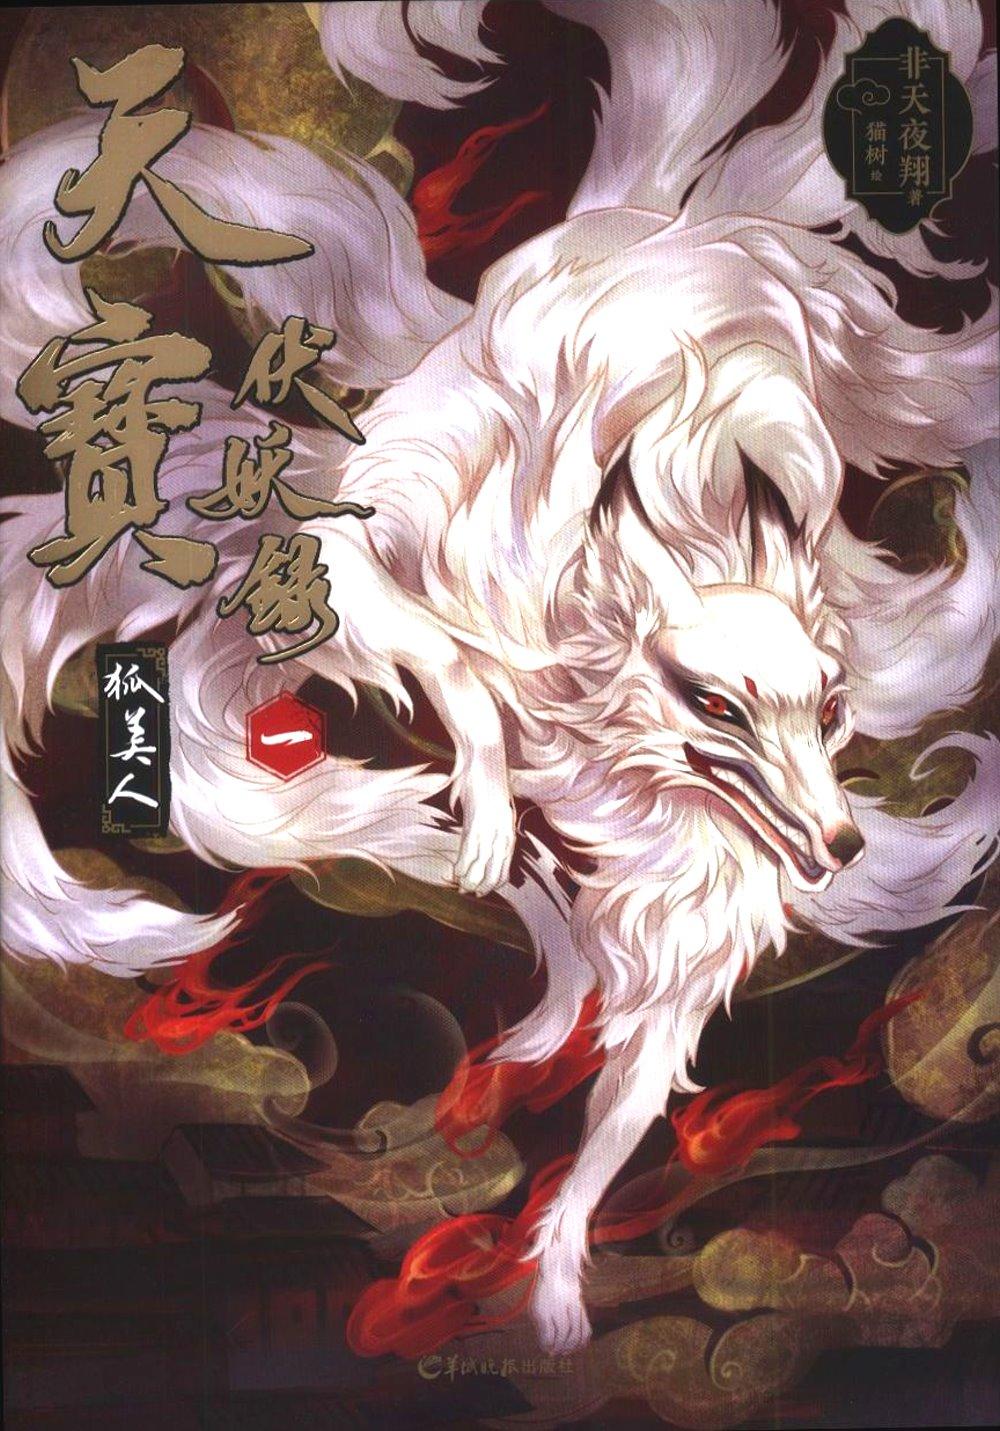 天寶伏妖錄1:狐美人